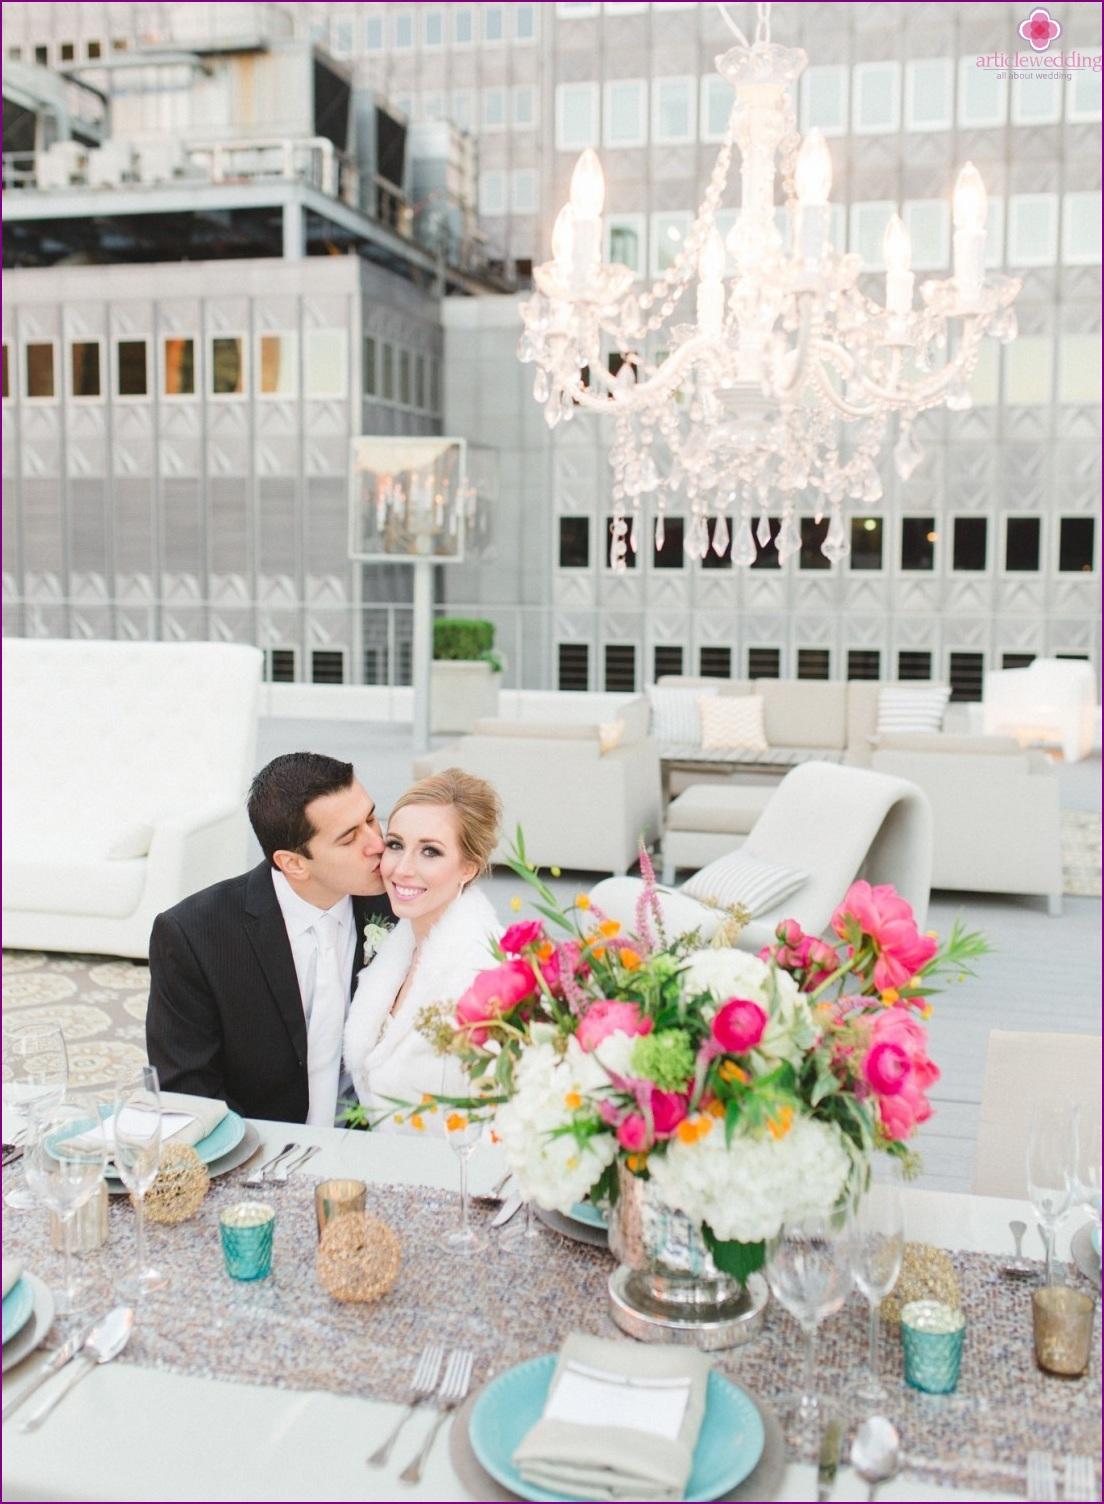 Rooftop banquet